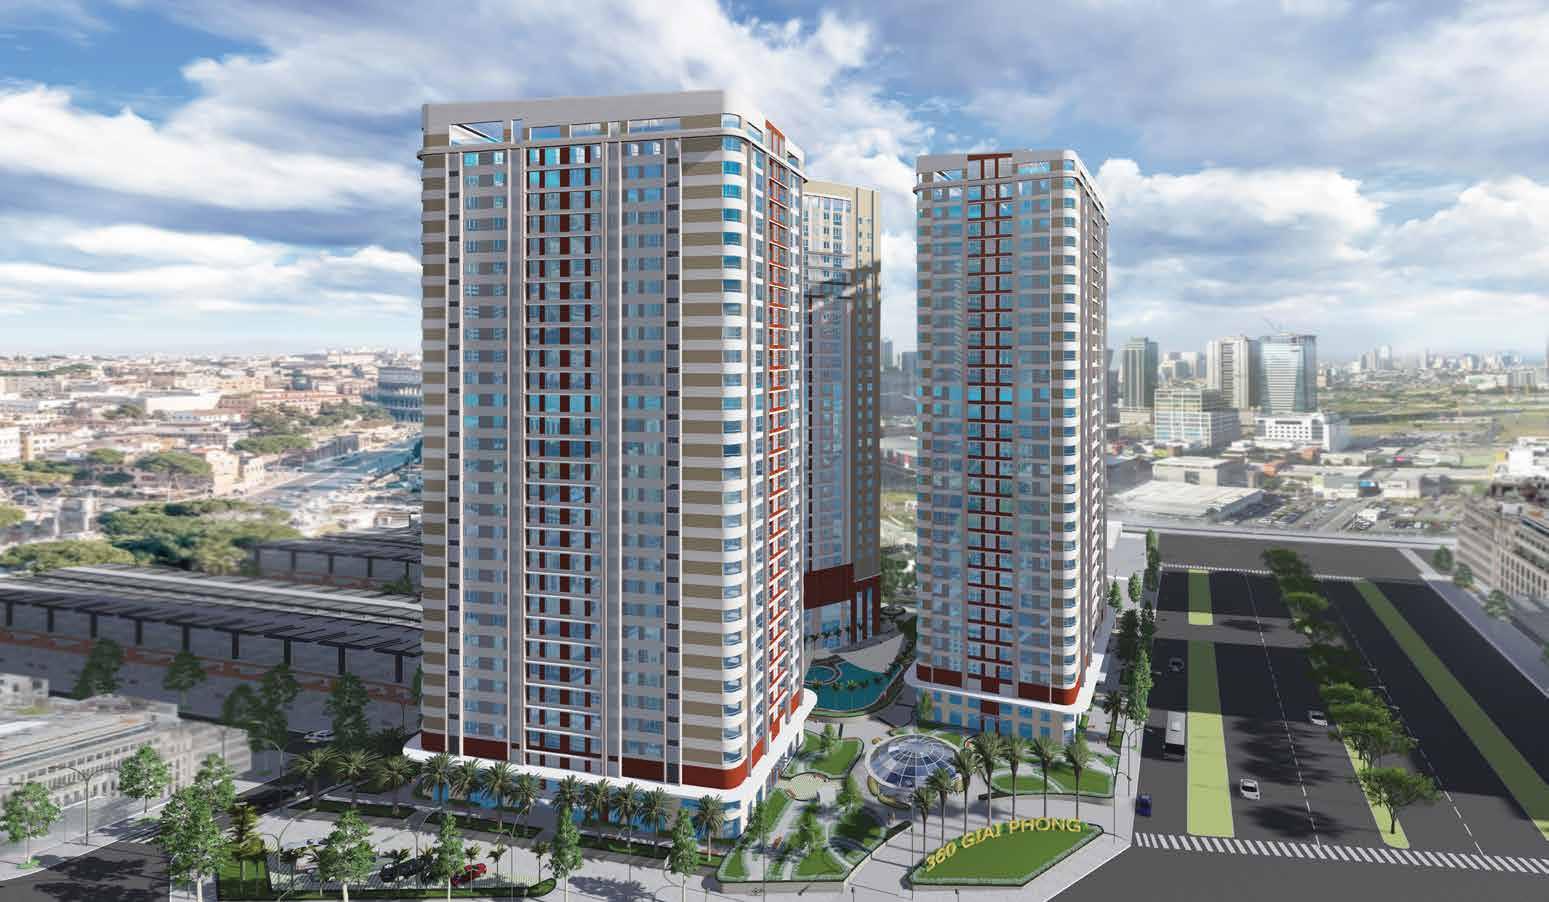 Thiết kế nội thất căn hộ chung cư Imperial Plaza 360 Giải Phóng